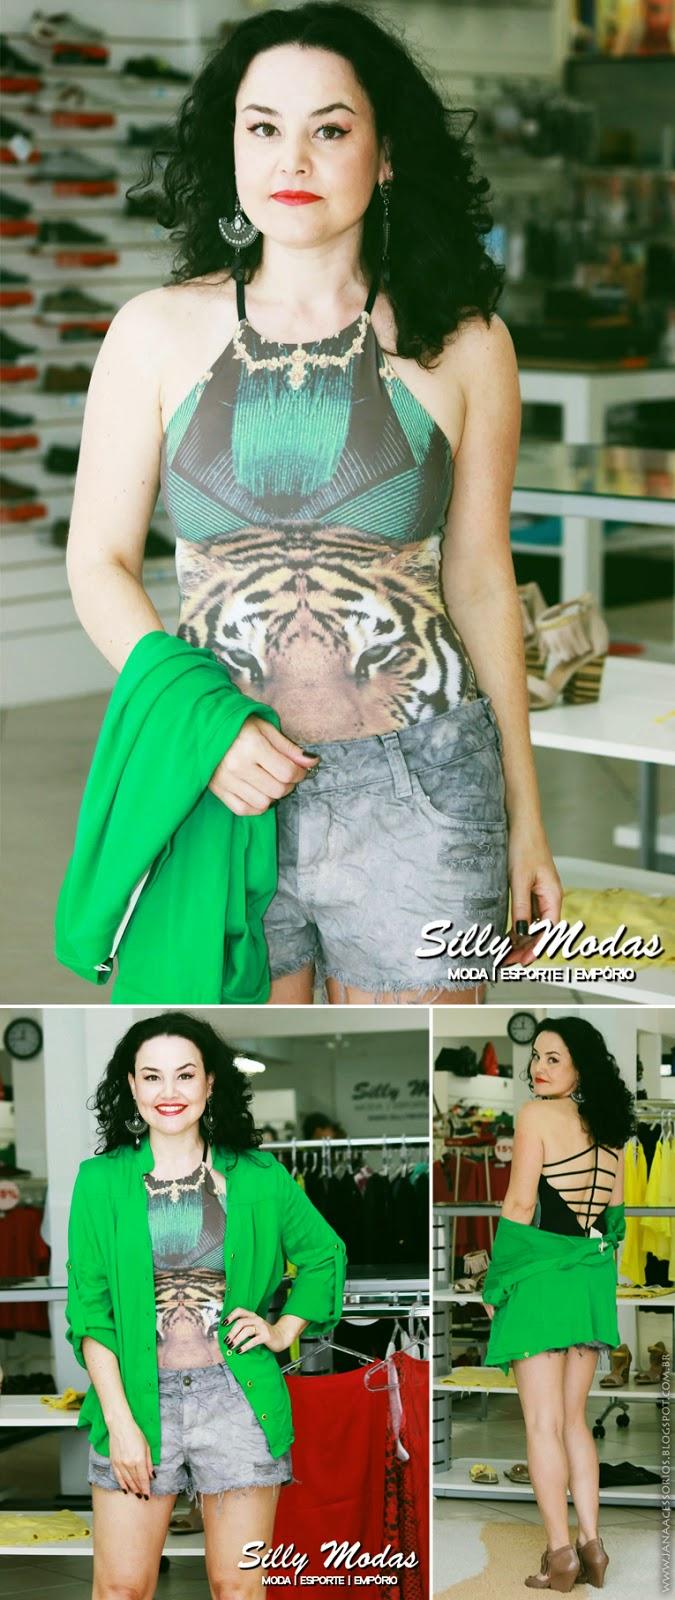 Joinville, blogueira, blogger, moda, fashion, style, estilo, Silly Modas